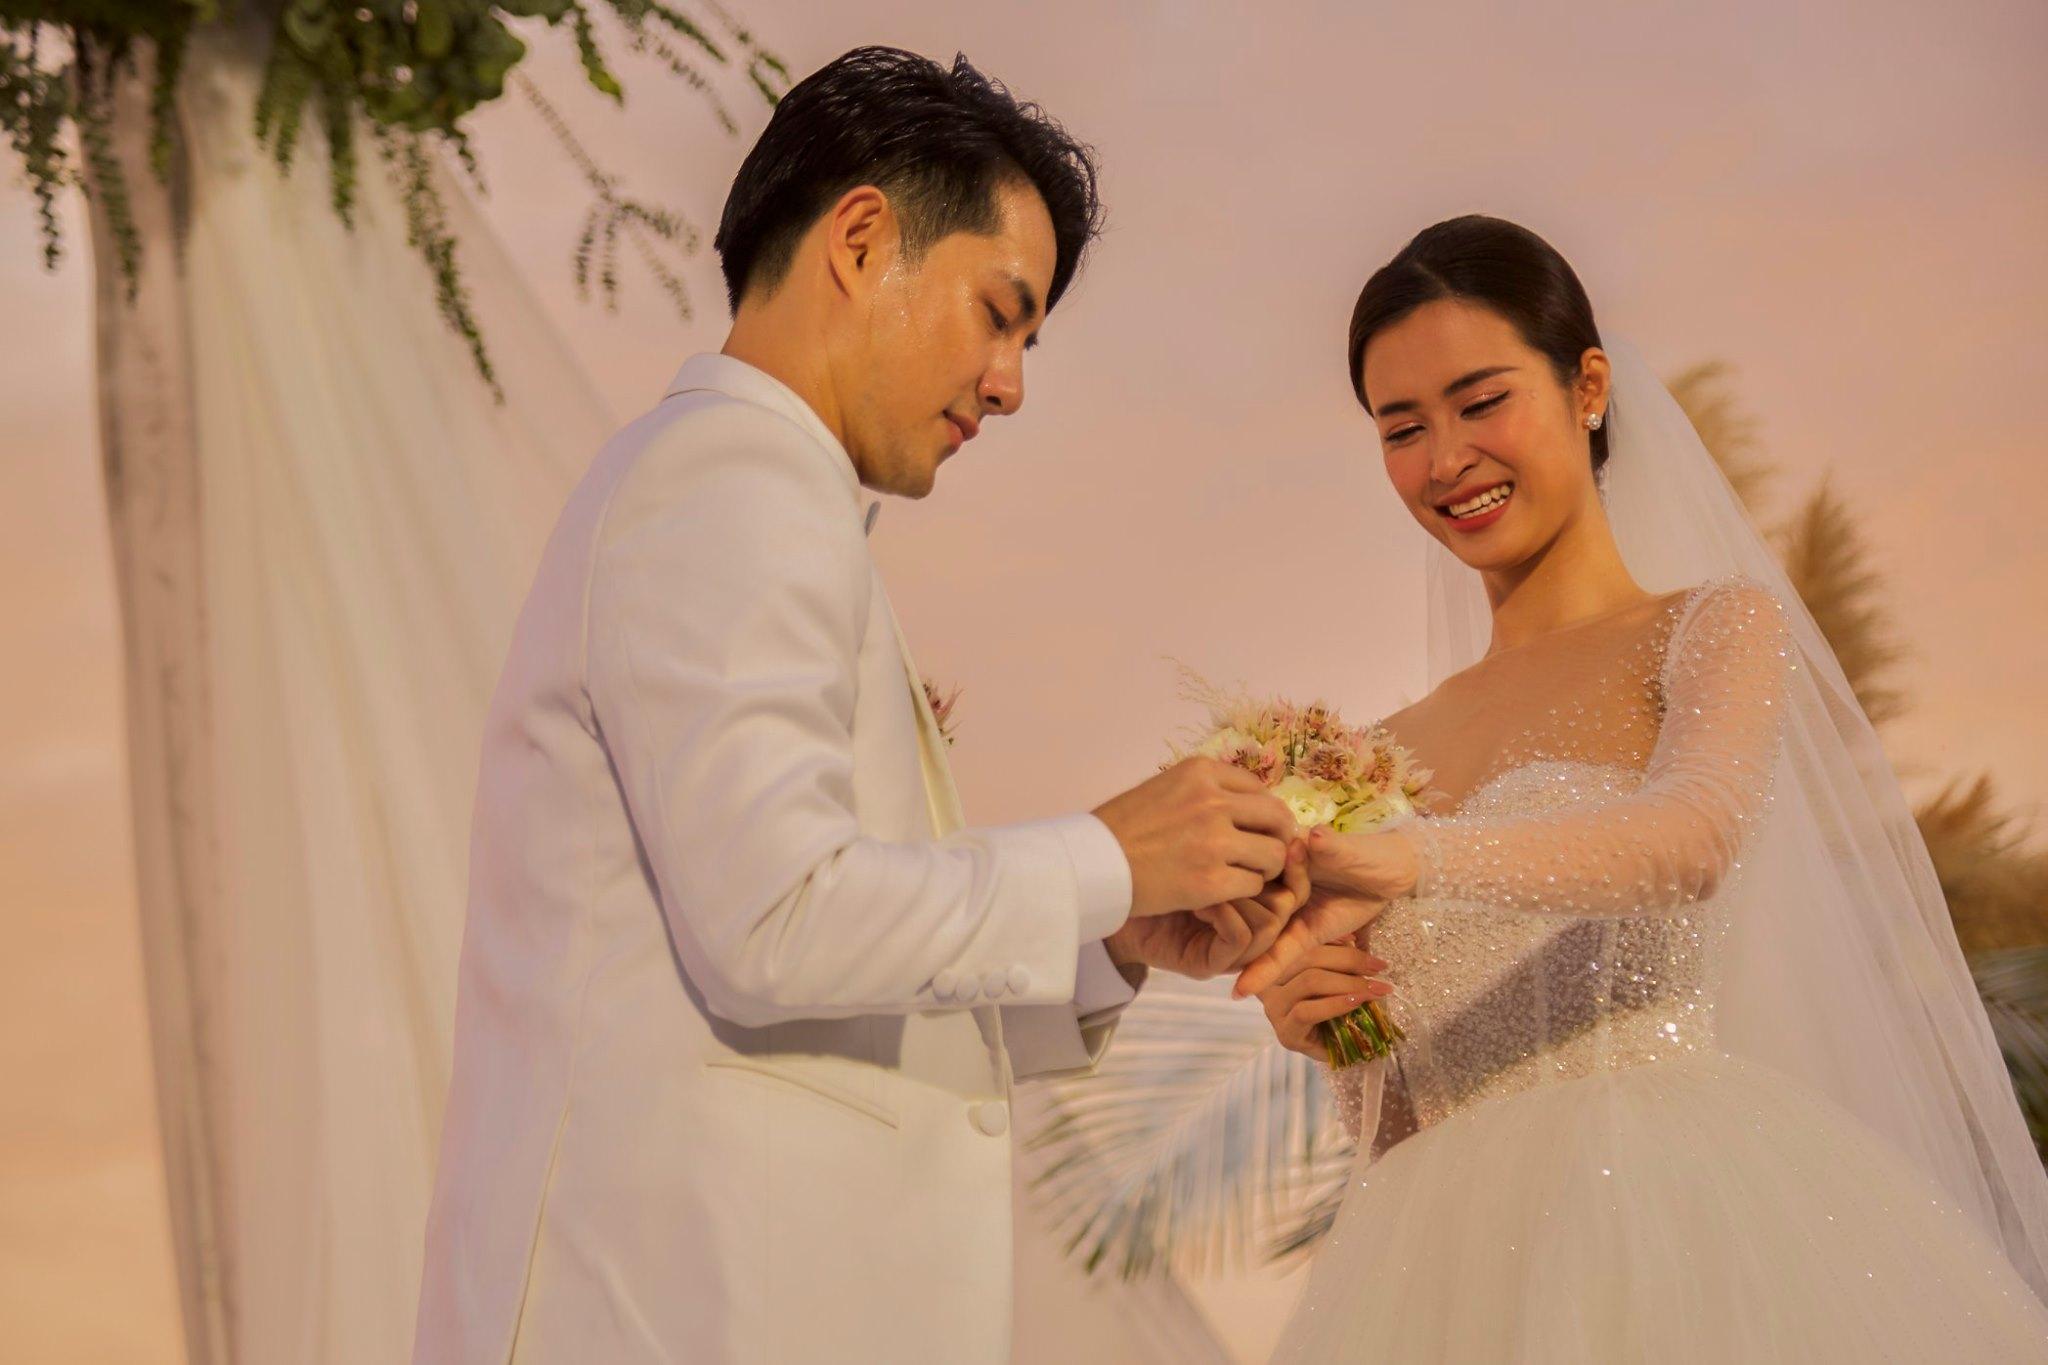 Khổng Tú Quỳnh say quên lối về, bất ngờ chạm môi Isaac tại đám cưới Đông Nhi và Ông Cao Thắng